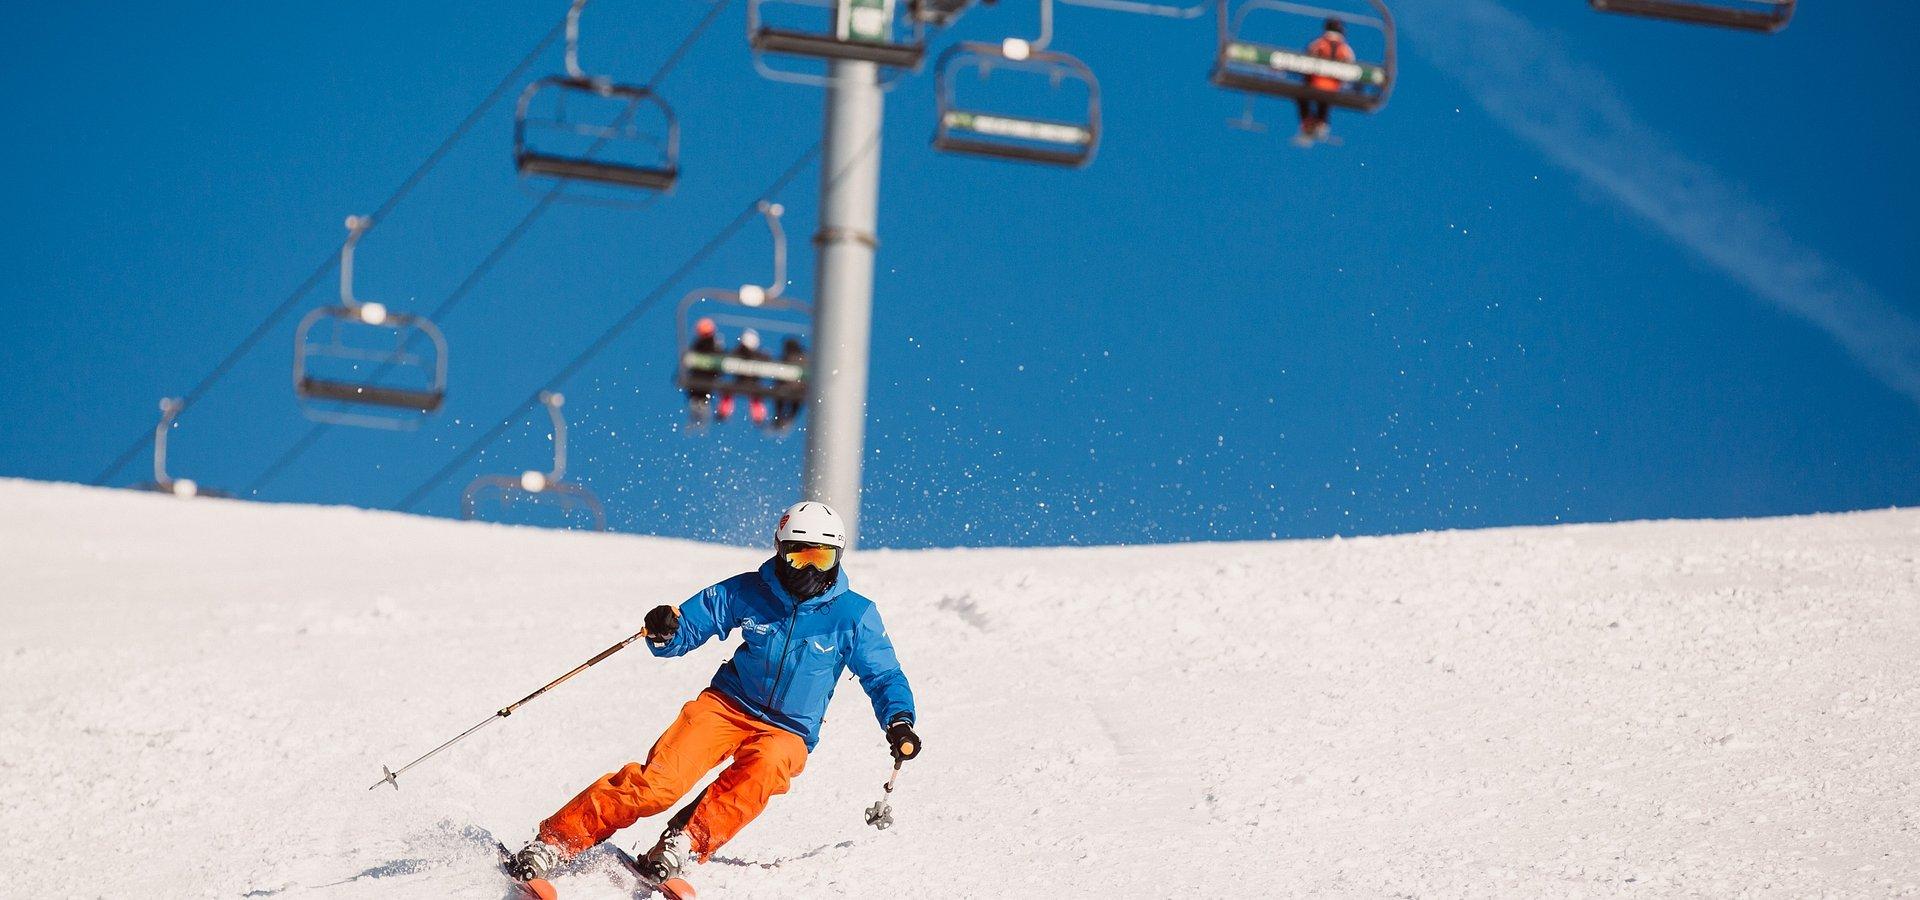 Spędź Święta blisko natury. Ośrodki Grupy PKL zapraszają na narty i zimowy wypoczynek